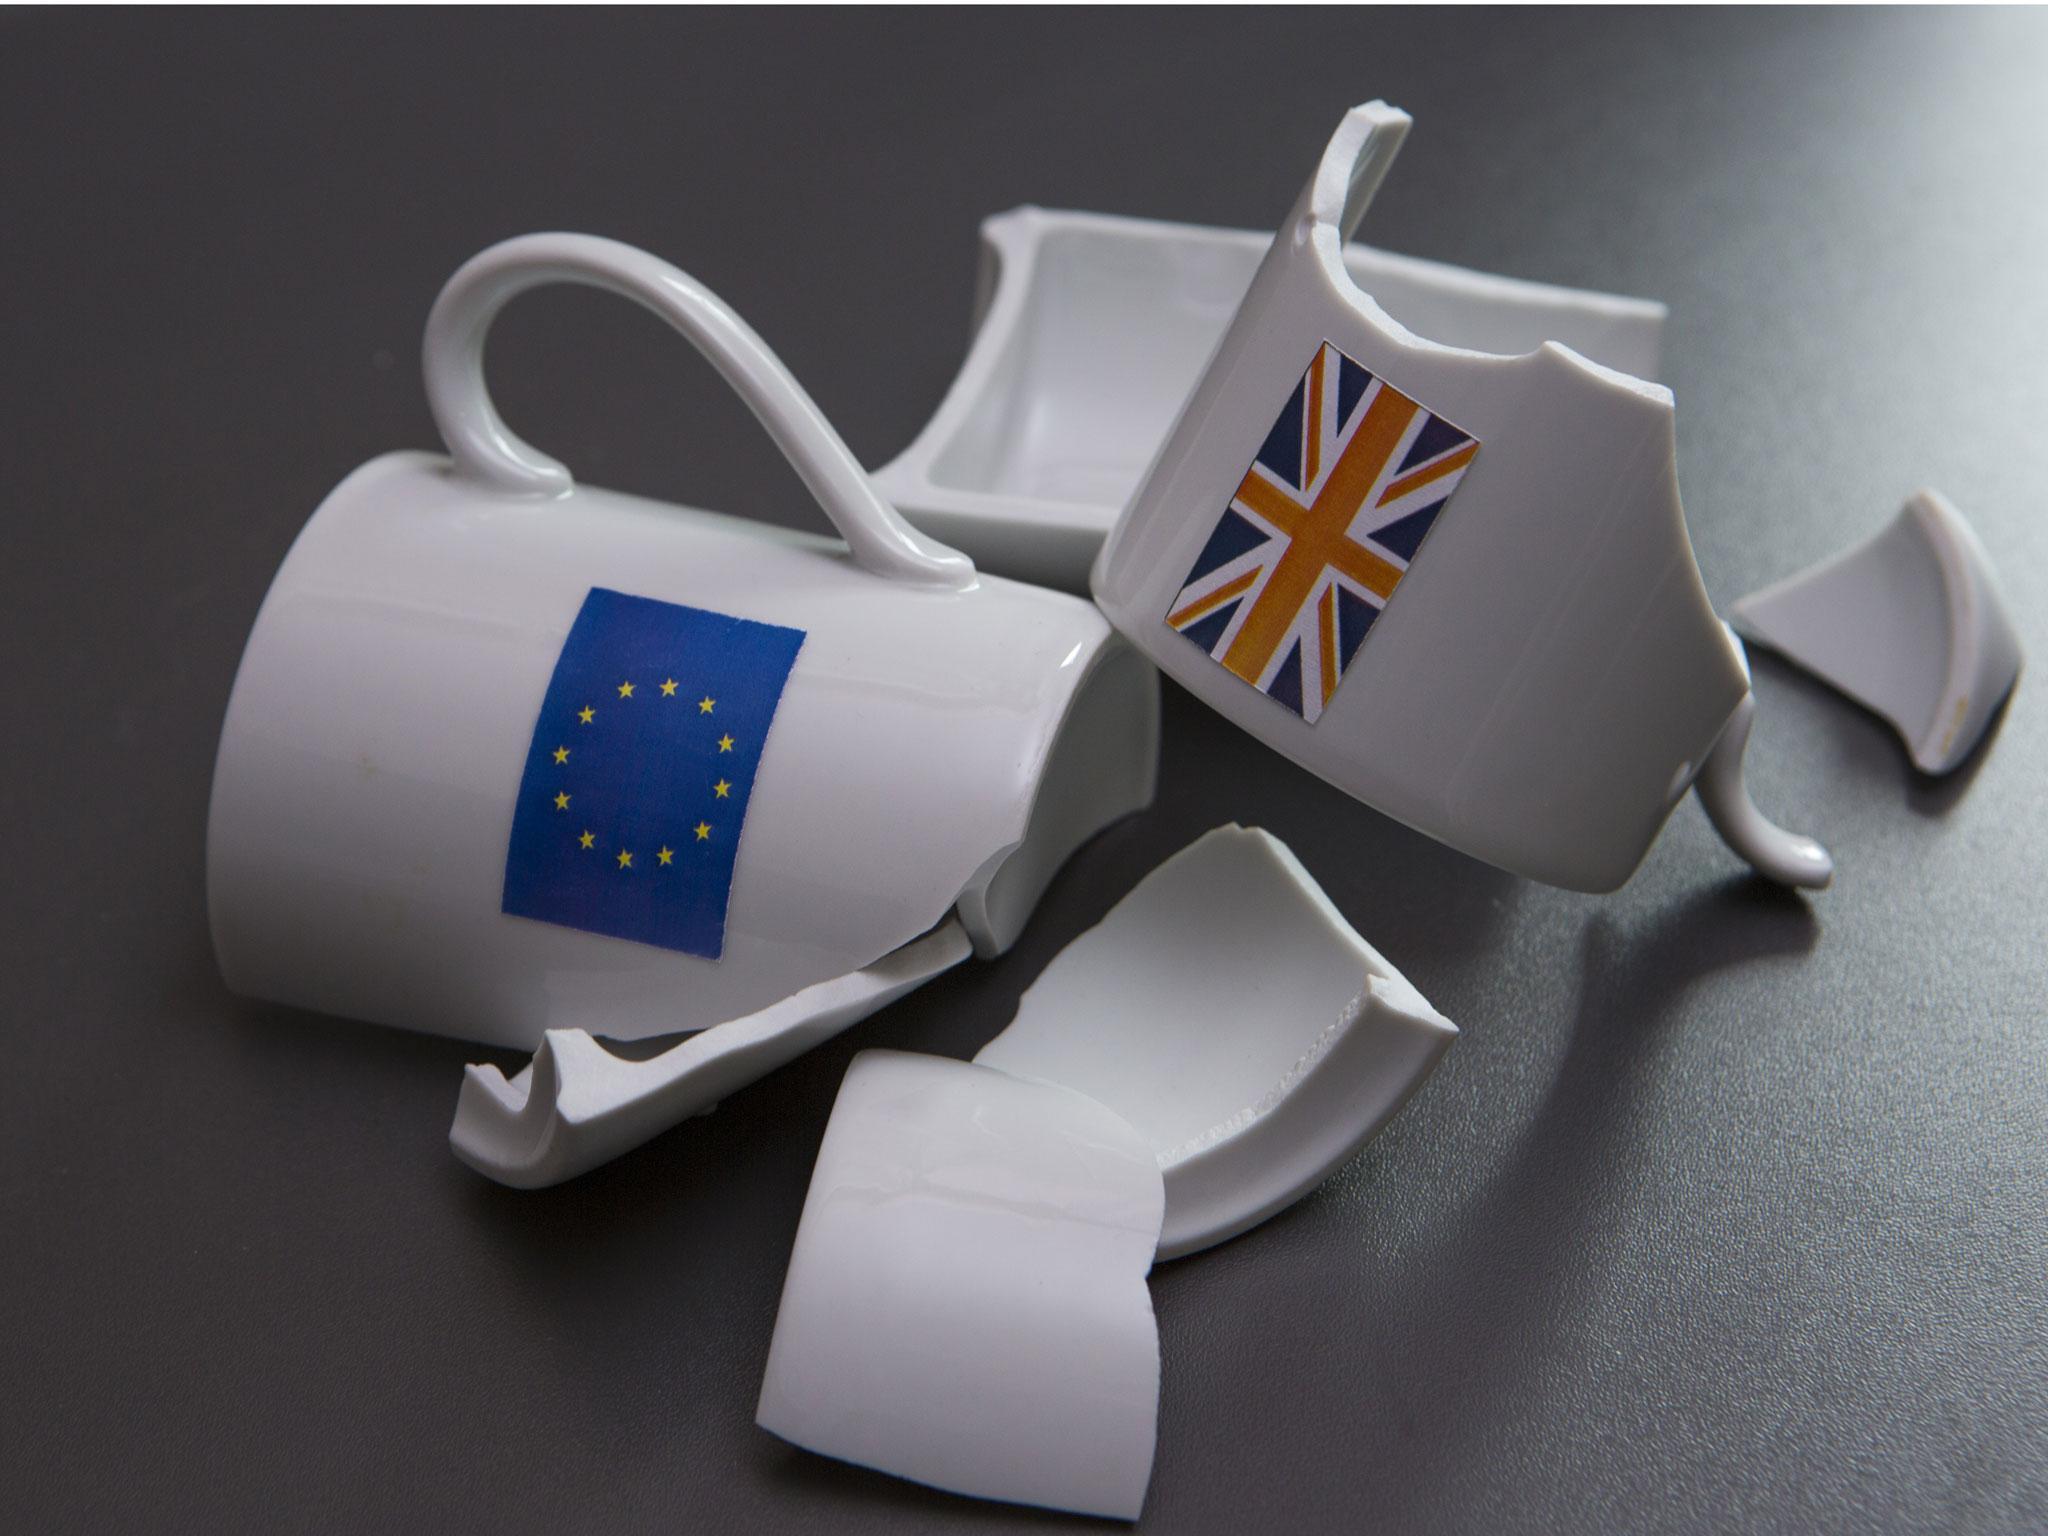 Самые популярные фото и карикатуры на тему брексита. Источник: http://www.independent.co.uk